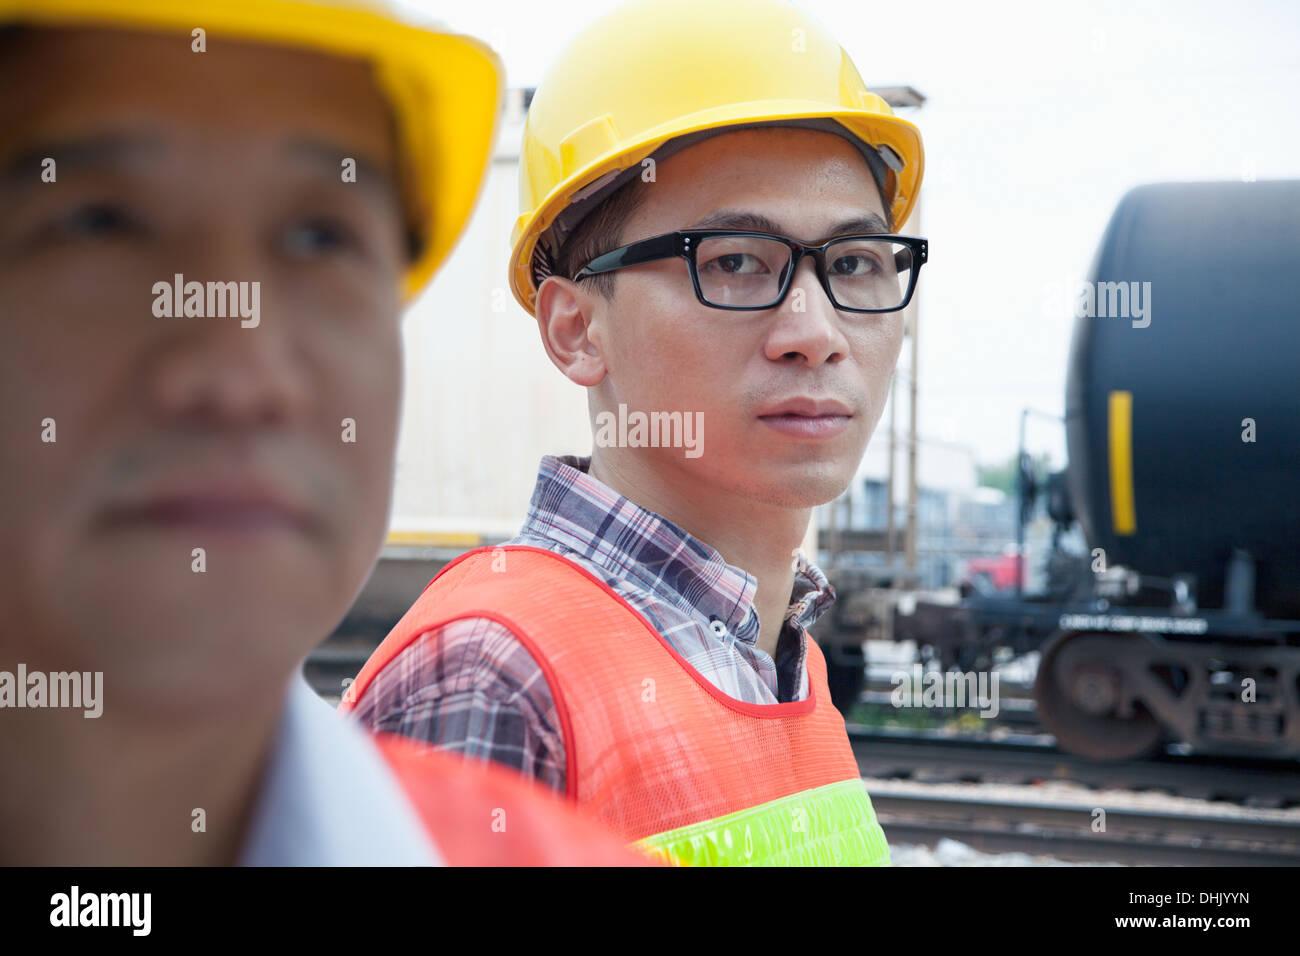 Ernst Ingenieur in Schutzkleidung Blick in die Kamera draußen vor Eisenbahnschienen Stockfoto